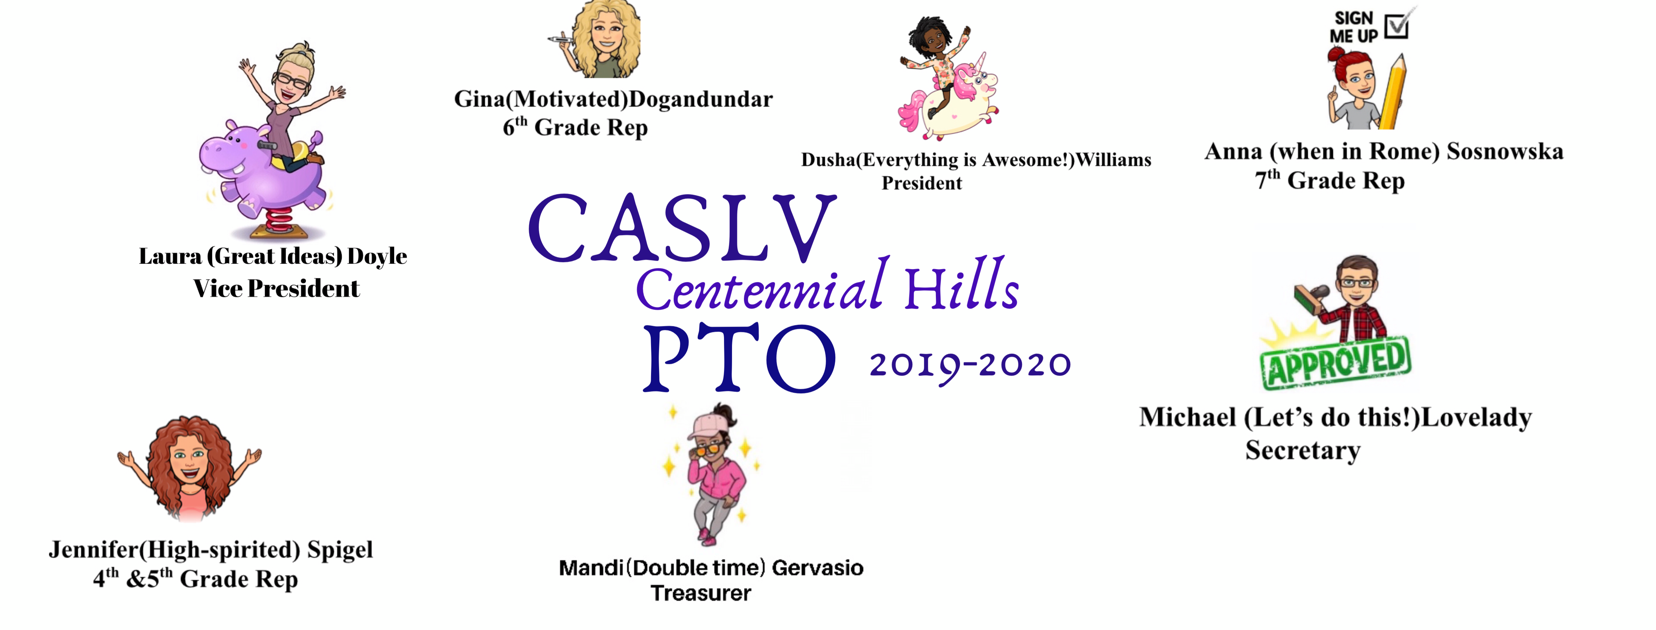 CASLV Centennial Hills PTO